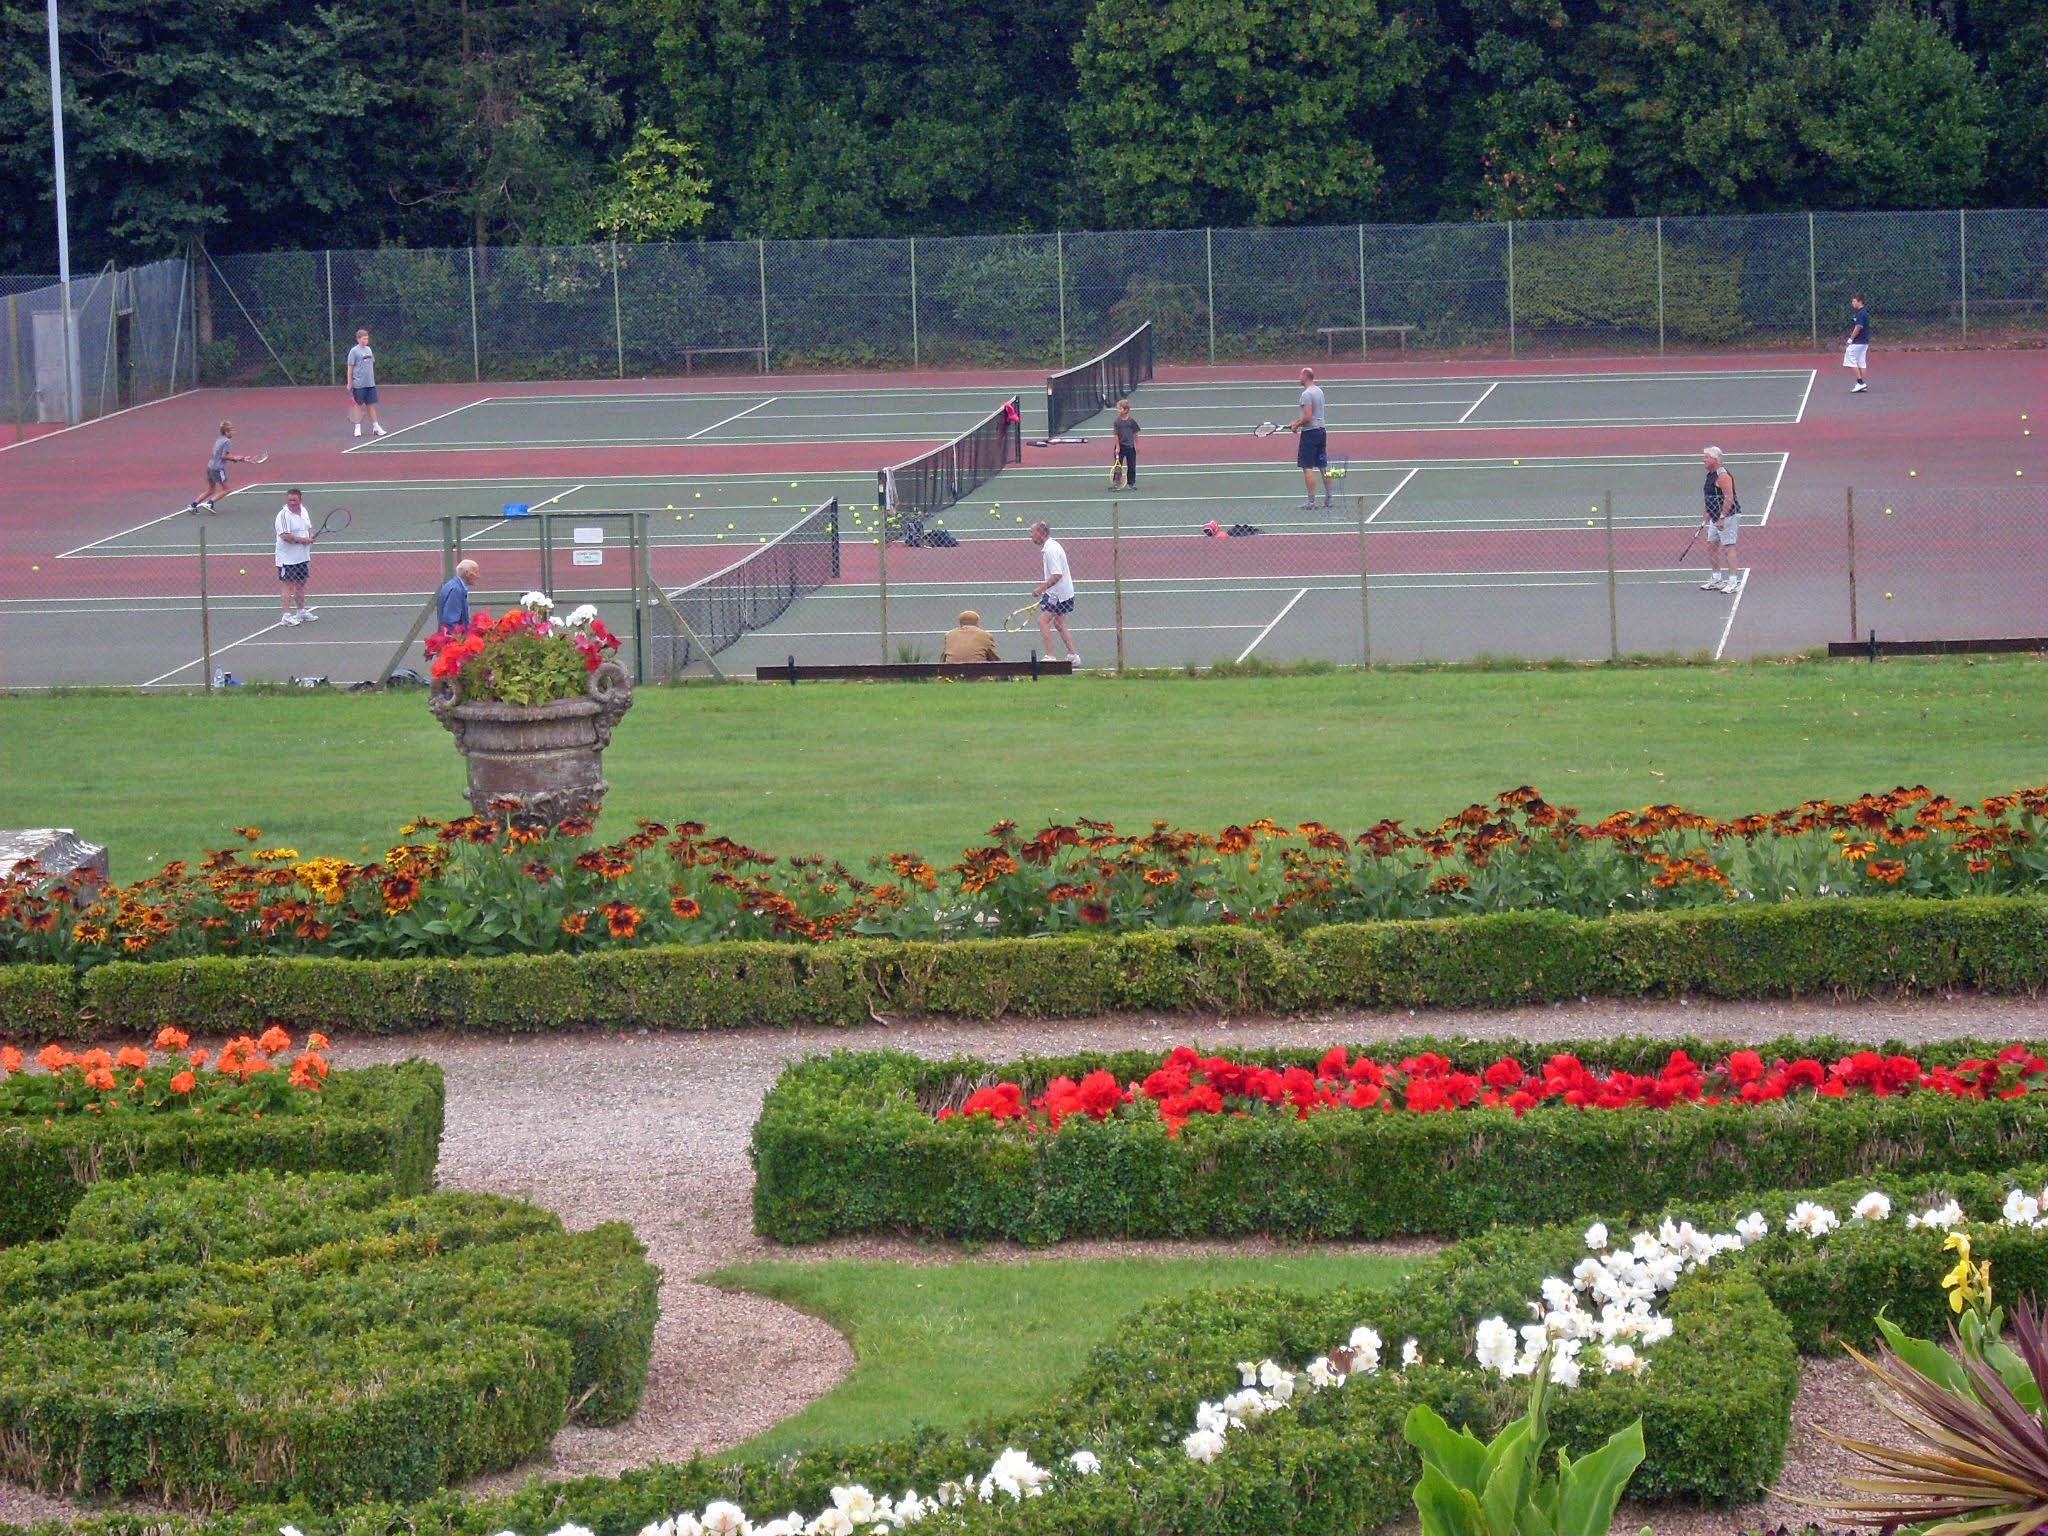 tennis court behind garden